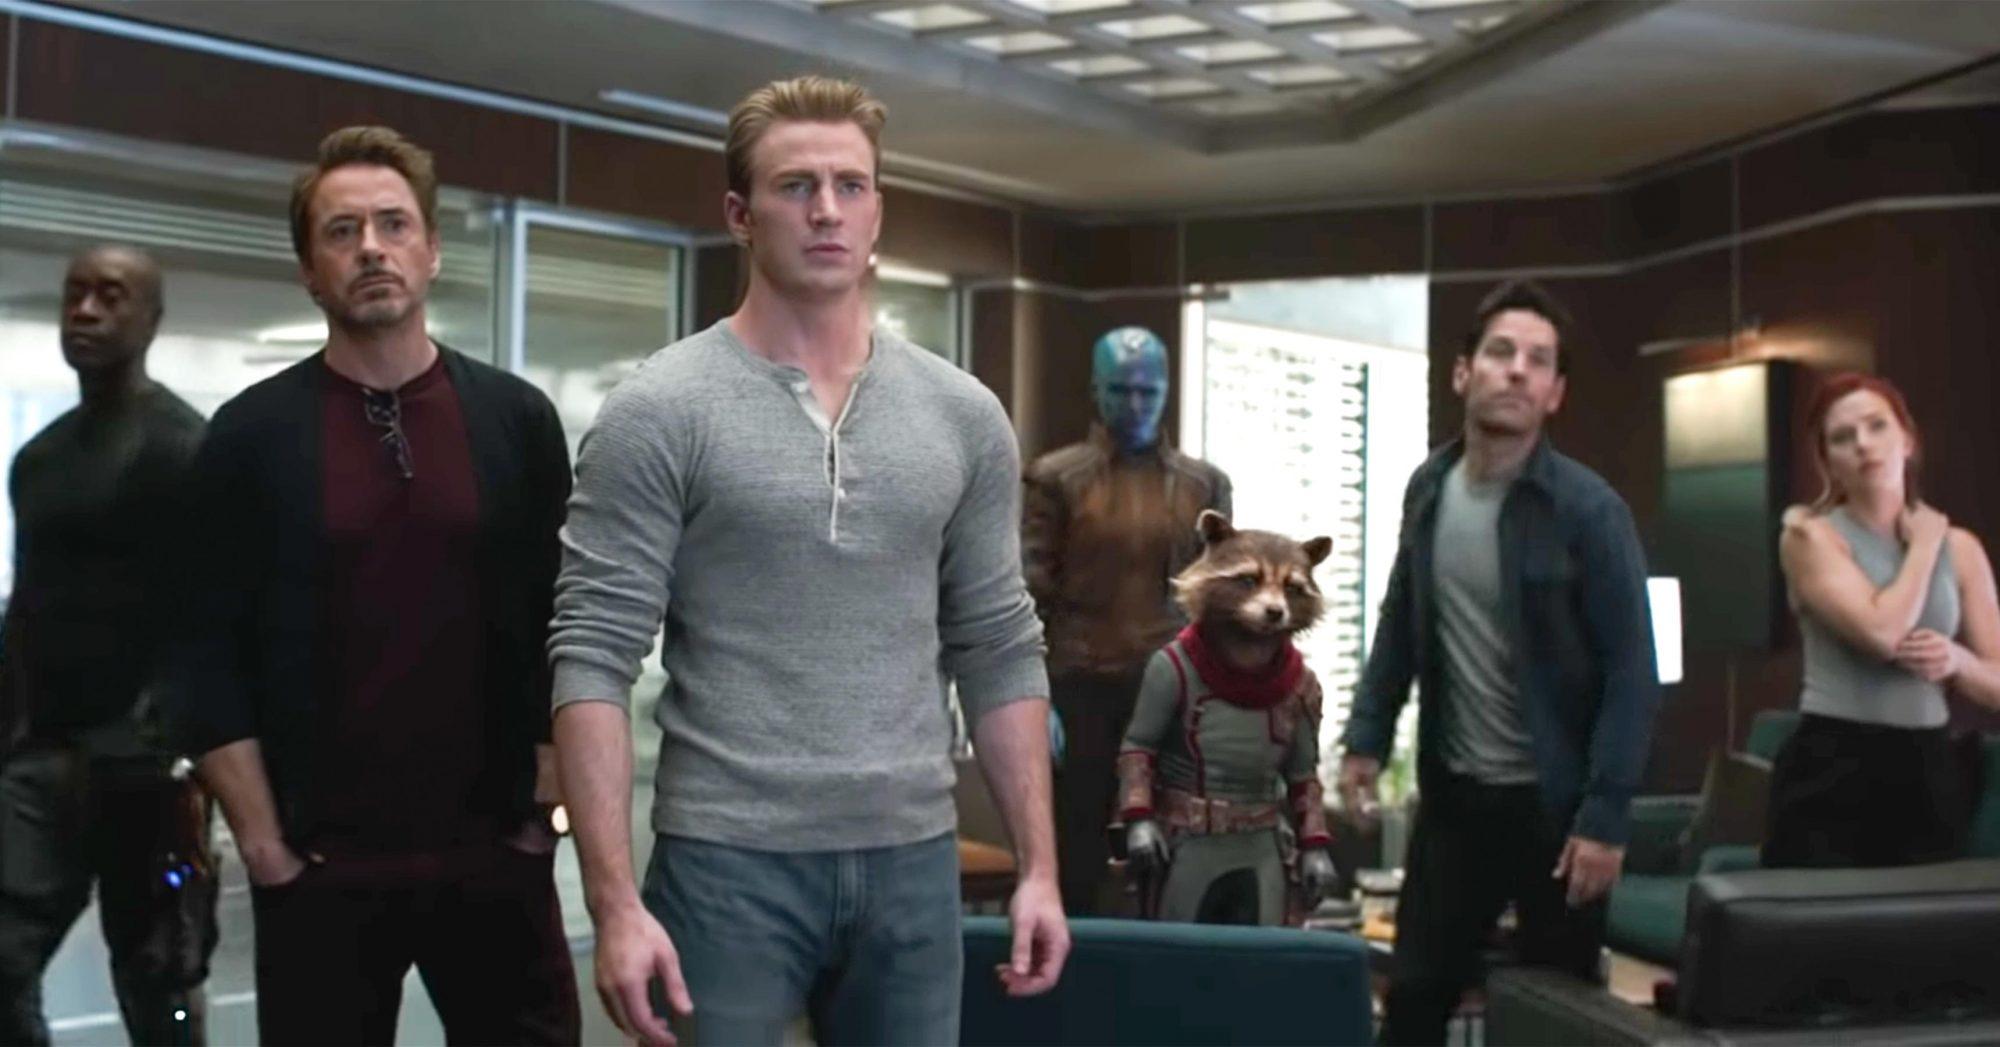 Avengers: Endgame screen grab https://www.youtube.com/watch?v=KCSNFZKbhZE CR: Marvel Studios